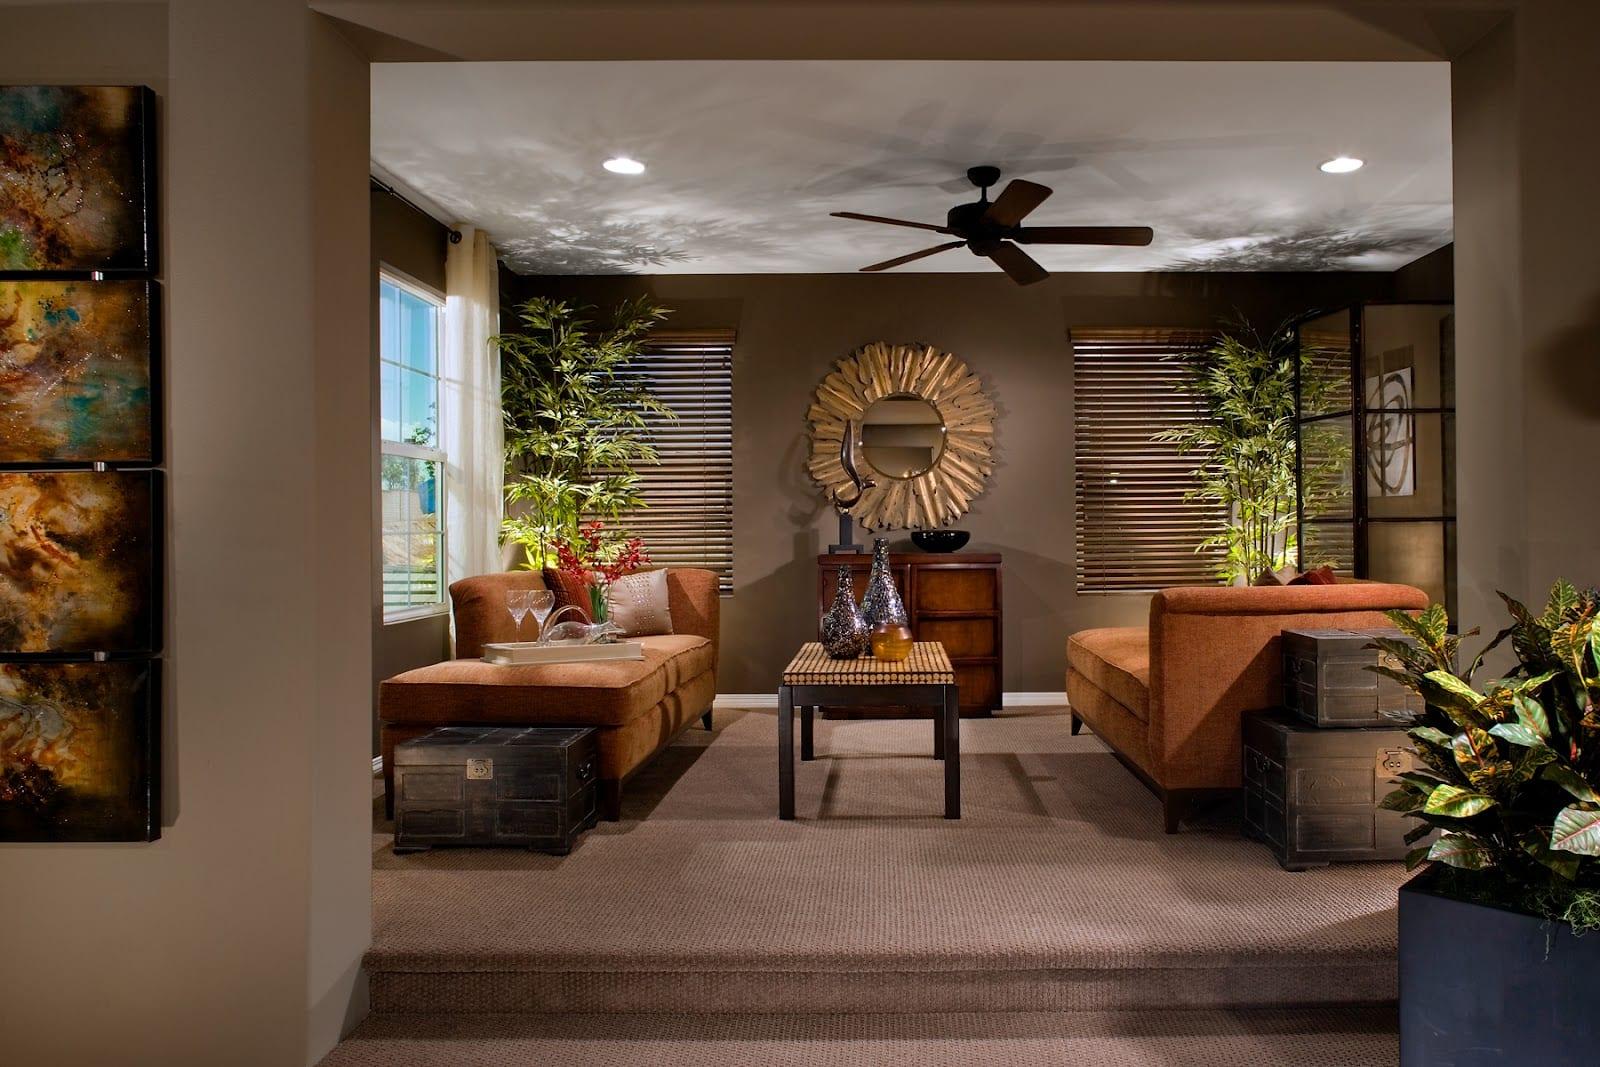 braune wandfarbe wohnzimmer mit ligesofa orange-wandgestaltung mit spiegel